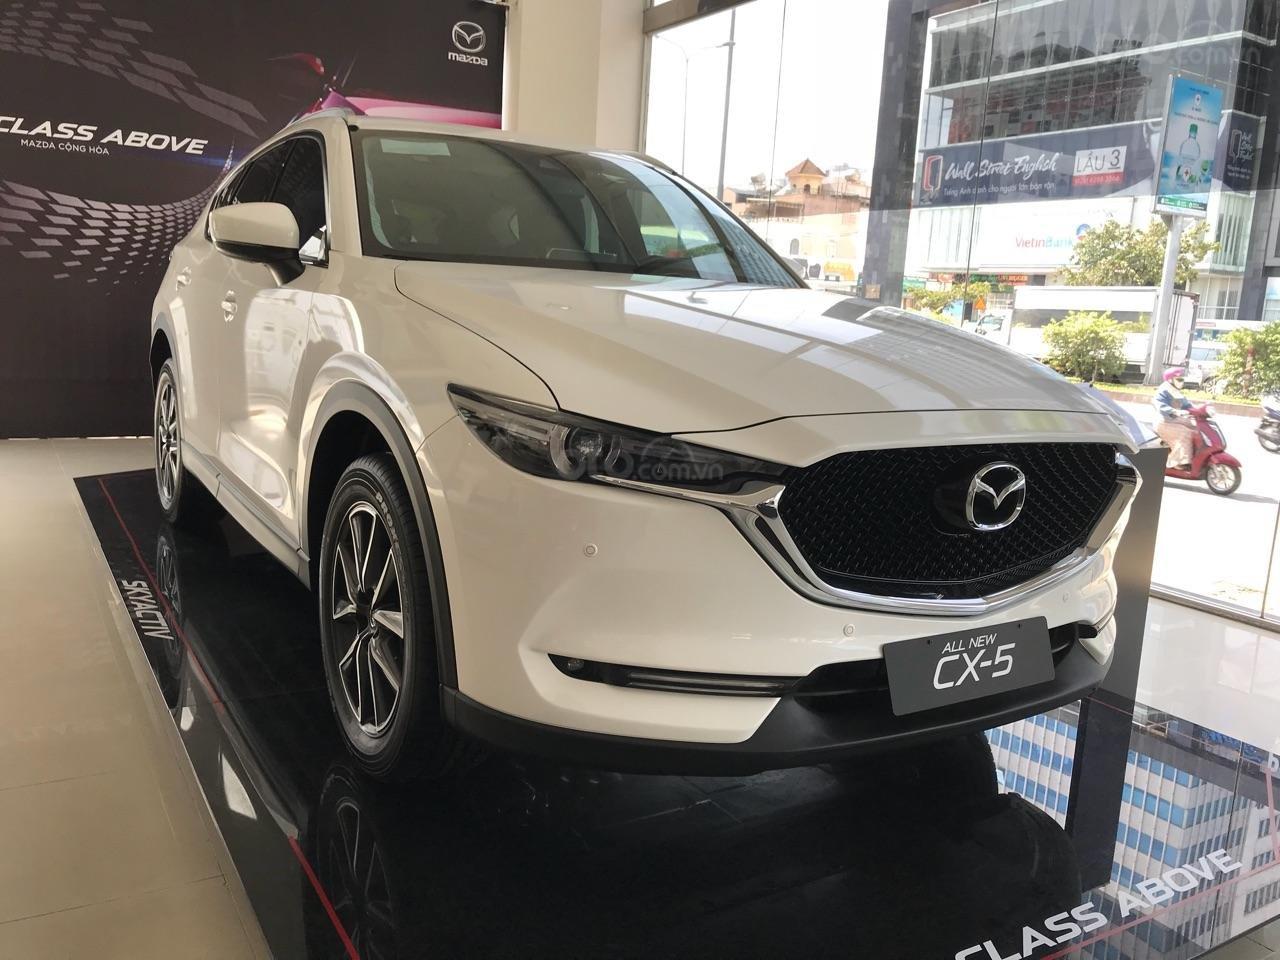 Bán Mazda CX5 2019 - Ưu đãi lên đến 45tr  duy nhất 10 ngày vàng tháng 3 - Xe đủ màu - Giao ngay-4